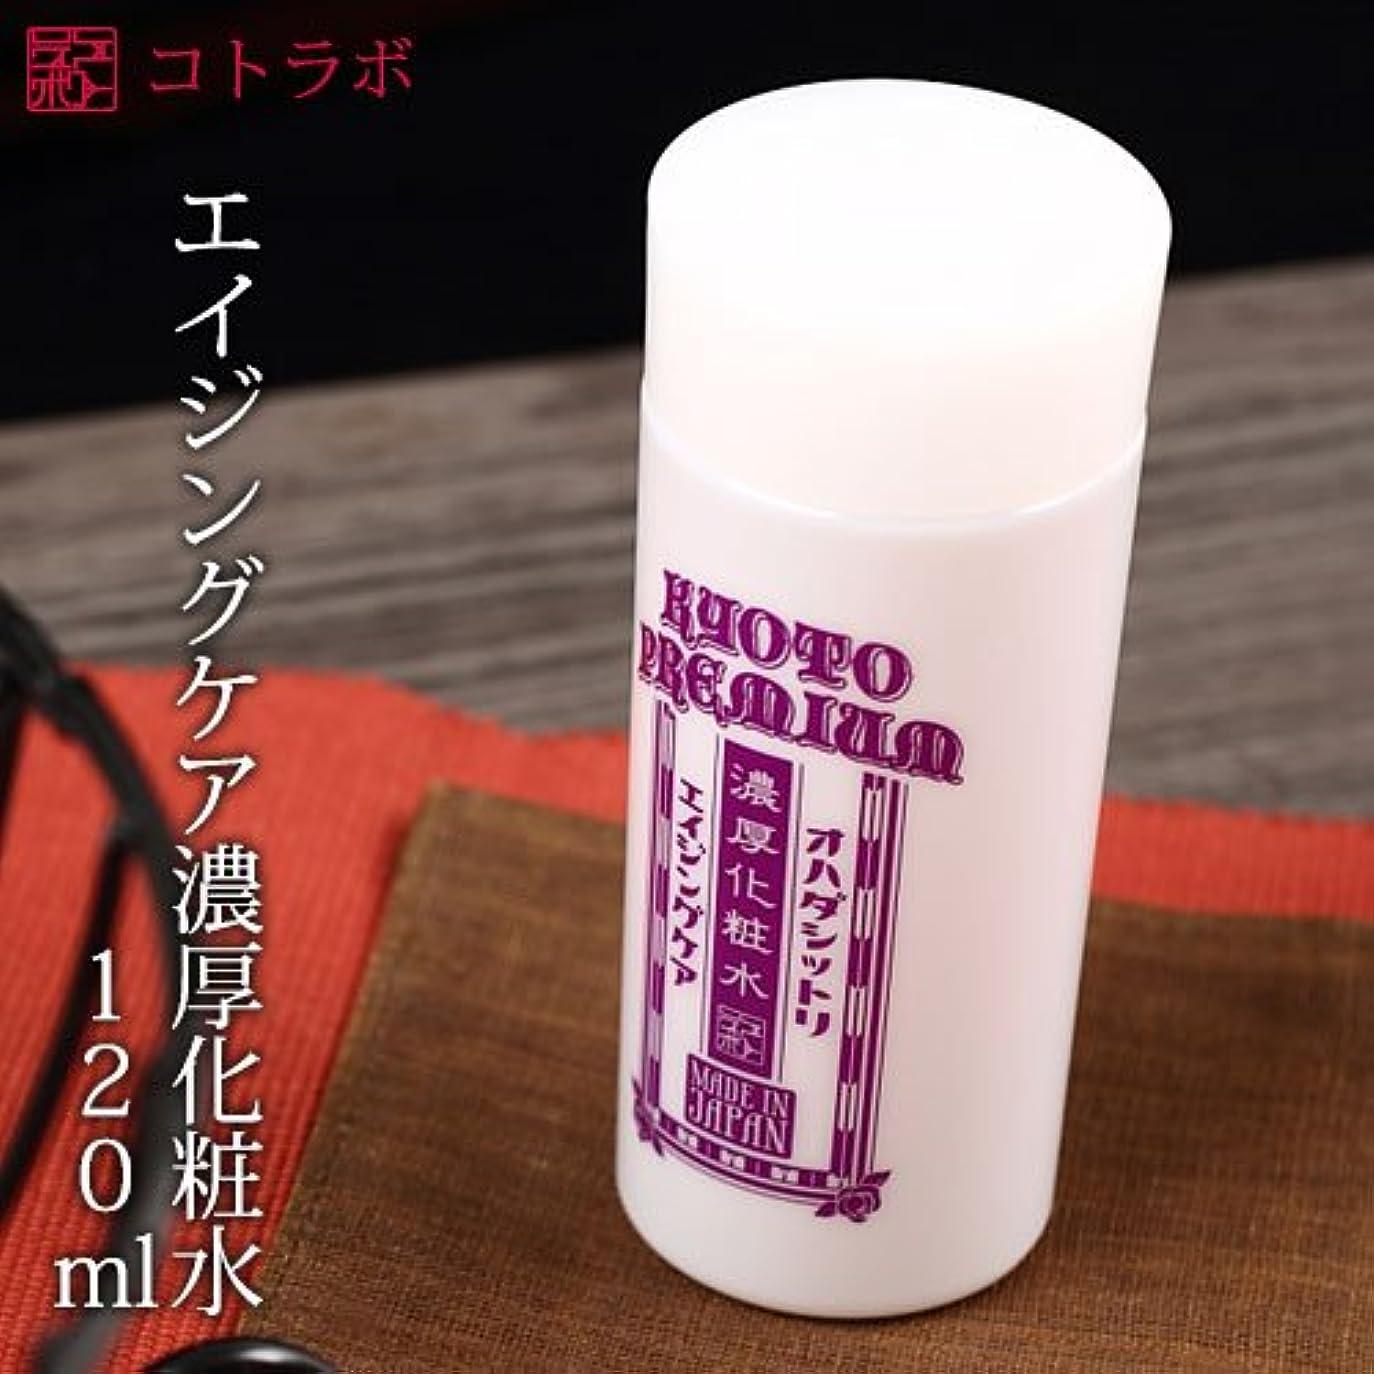 性的月曜日一方、コトラボ濃厚化粧水コンセントレイトローションナールスゲン配合のエイジングケア化粧水120ml